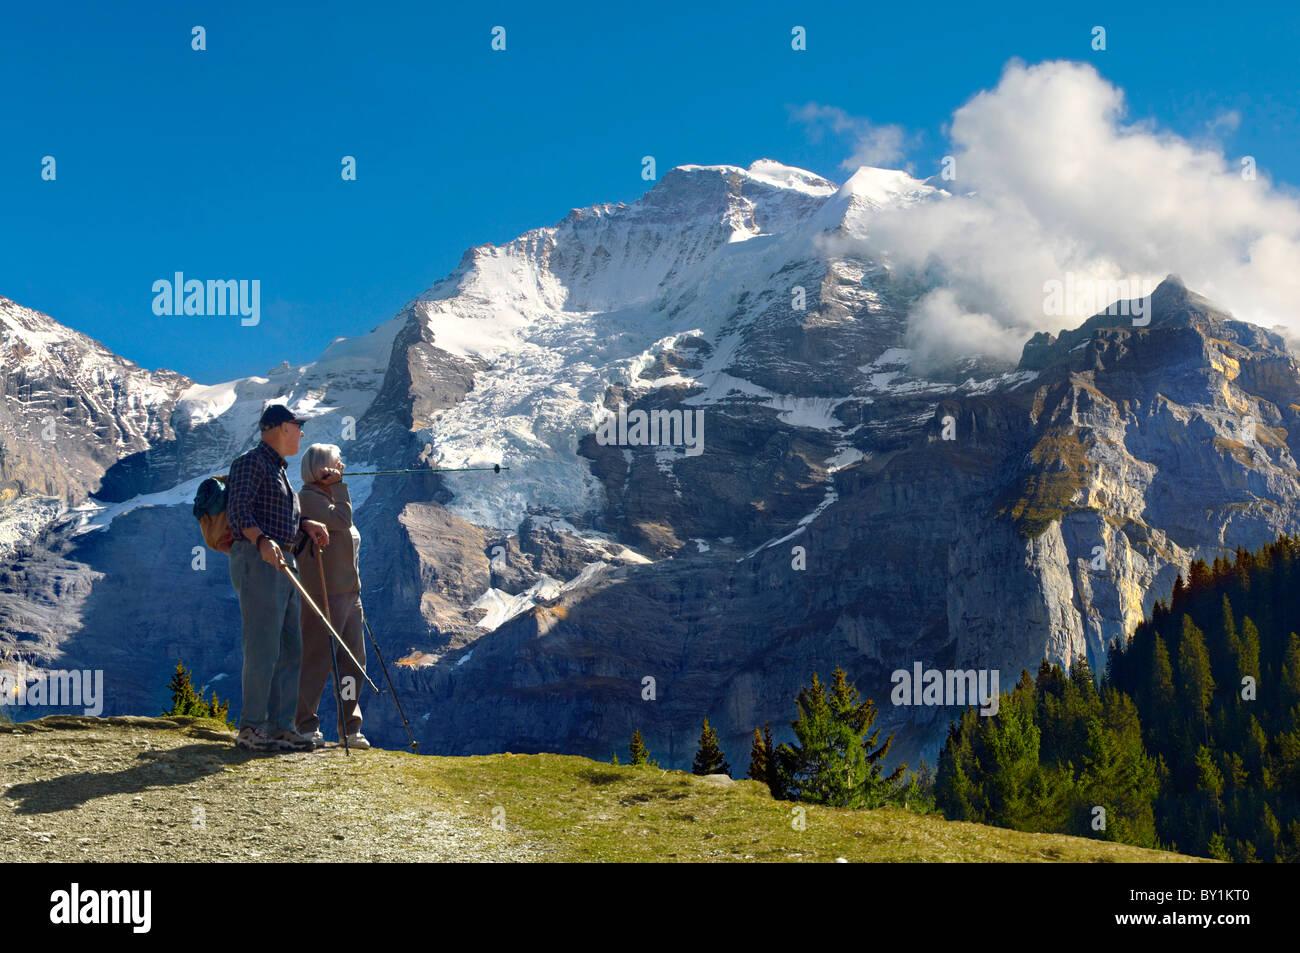 Personnes âgées coulée autour de Murren, Alpes Suisses, Suisse Banque D'Images